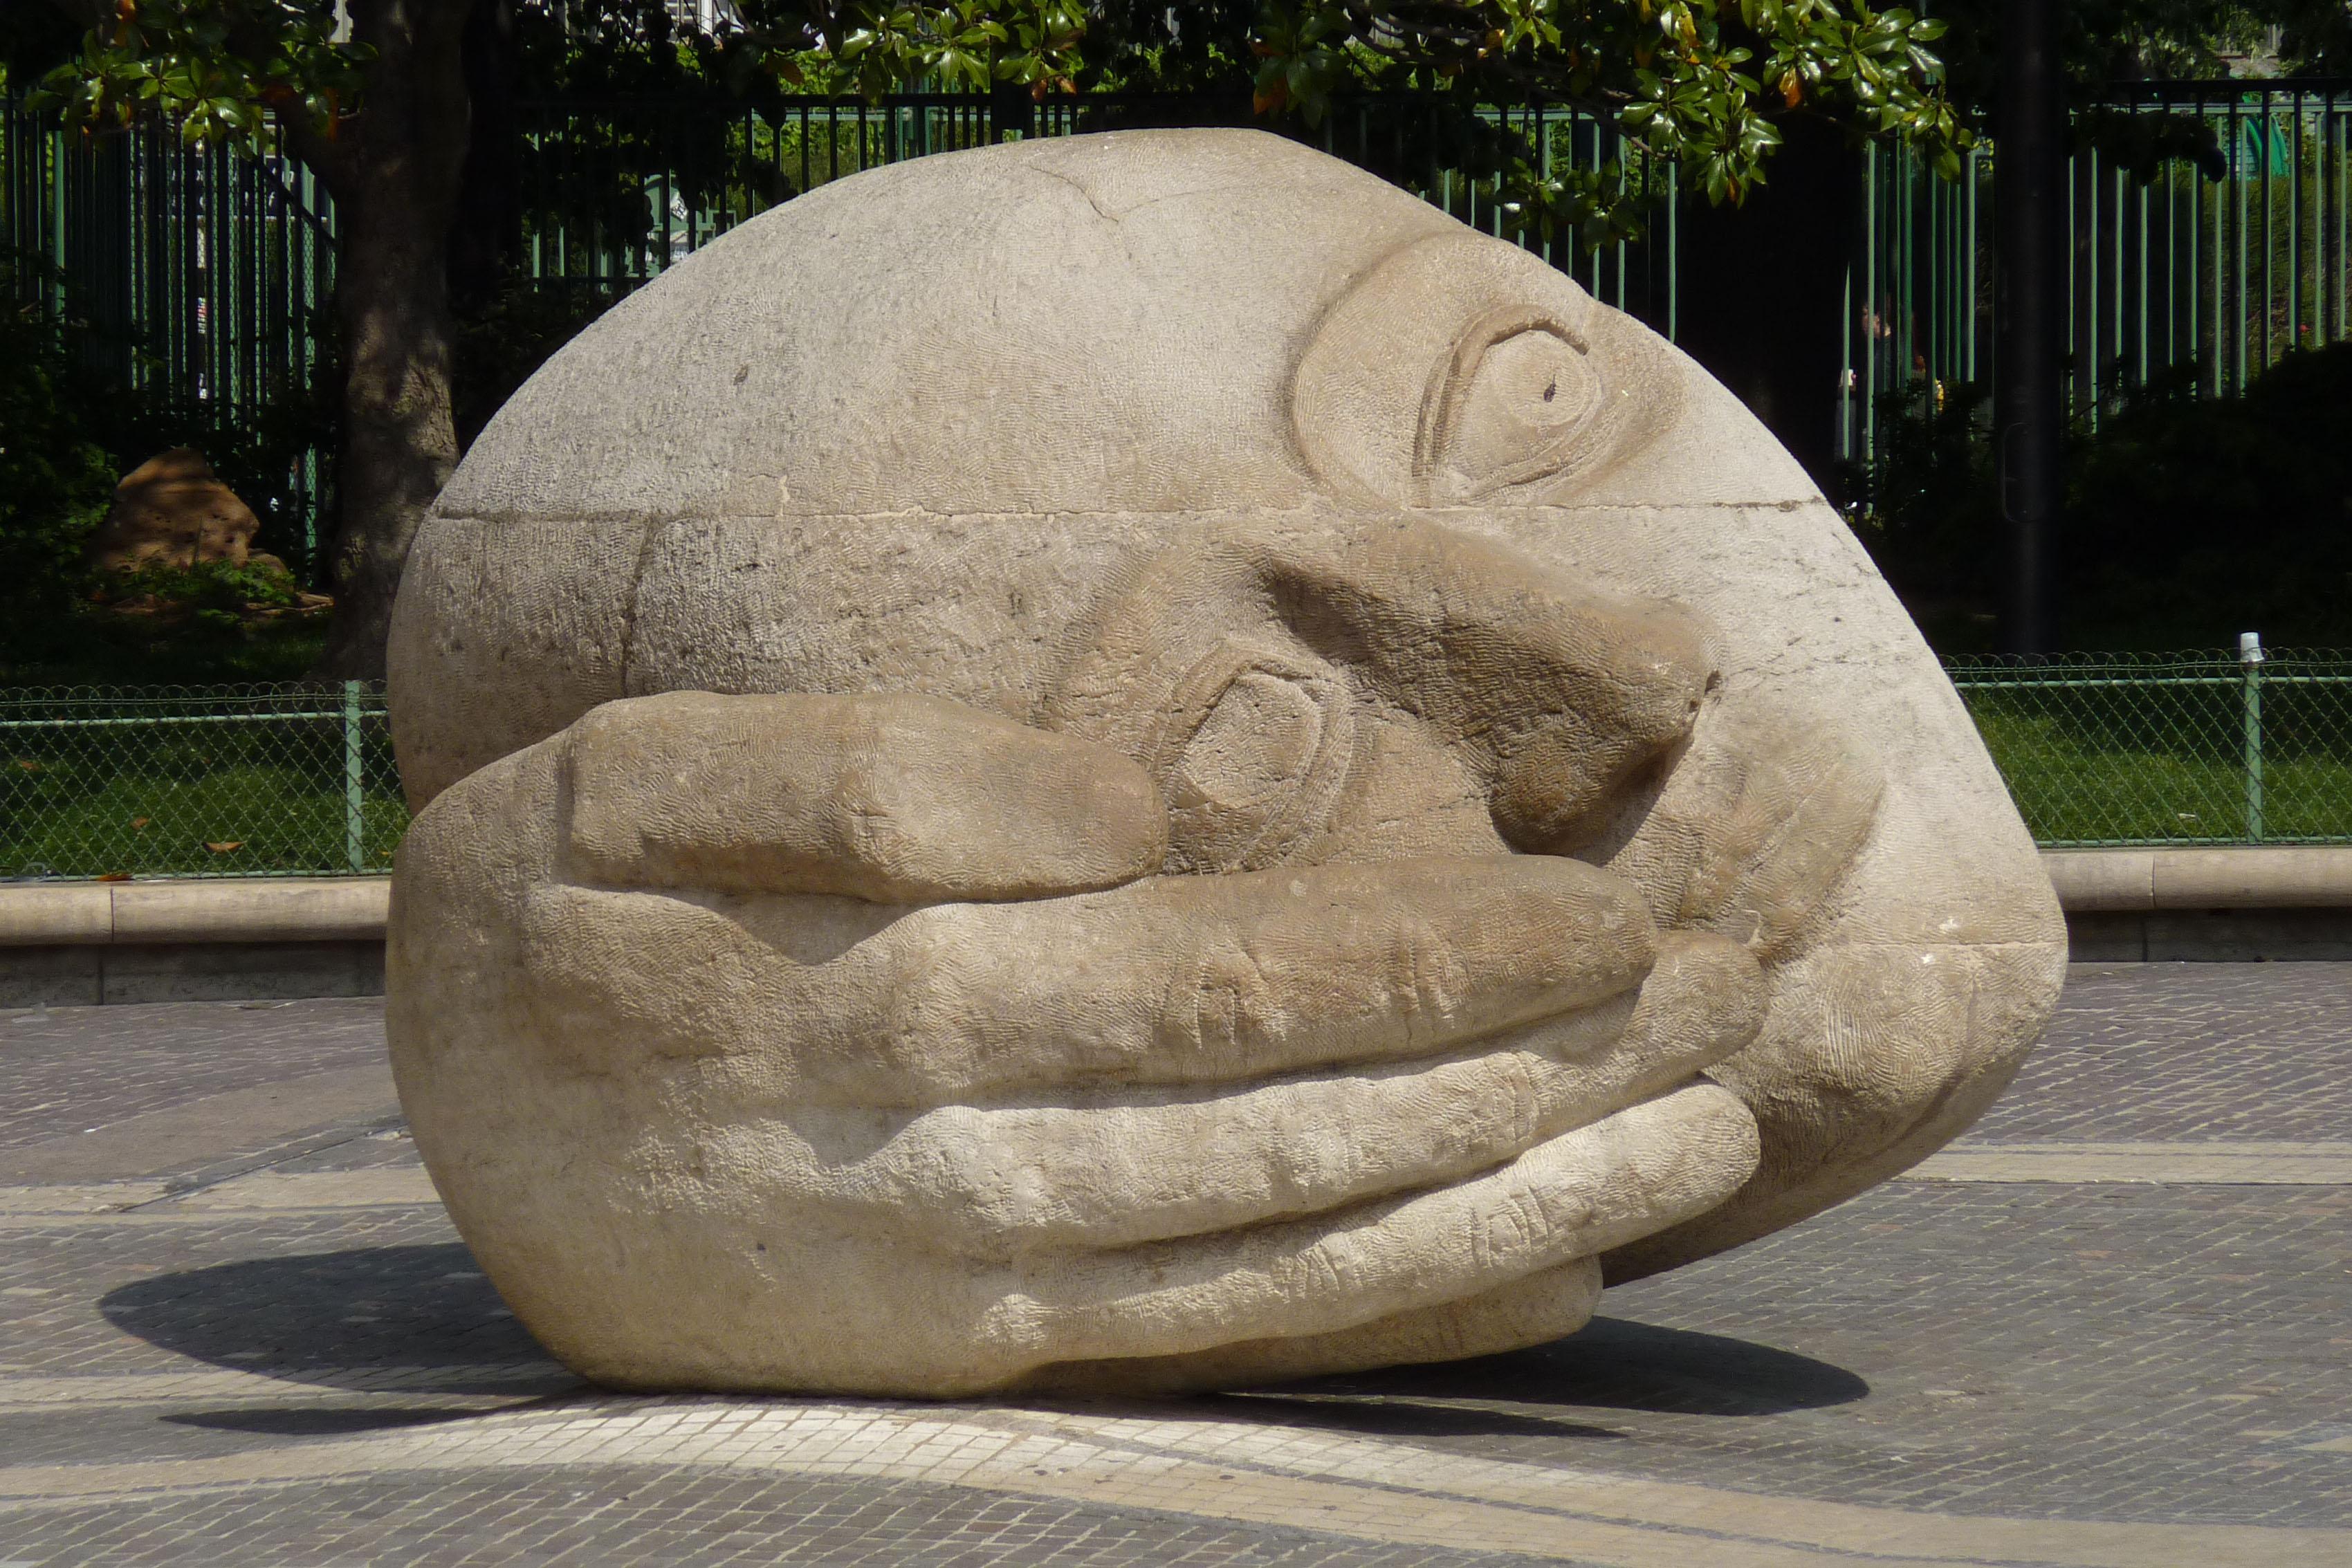 Sculpture aux halles sur freemages - Les halles paris ouverture ...